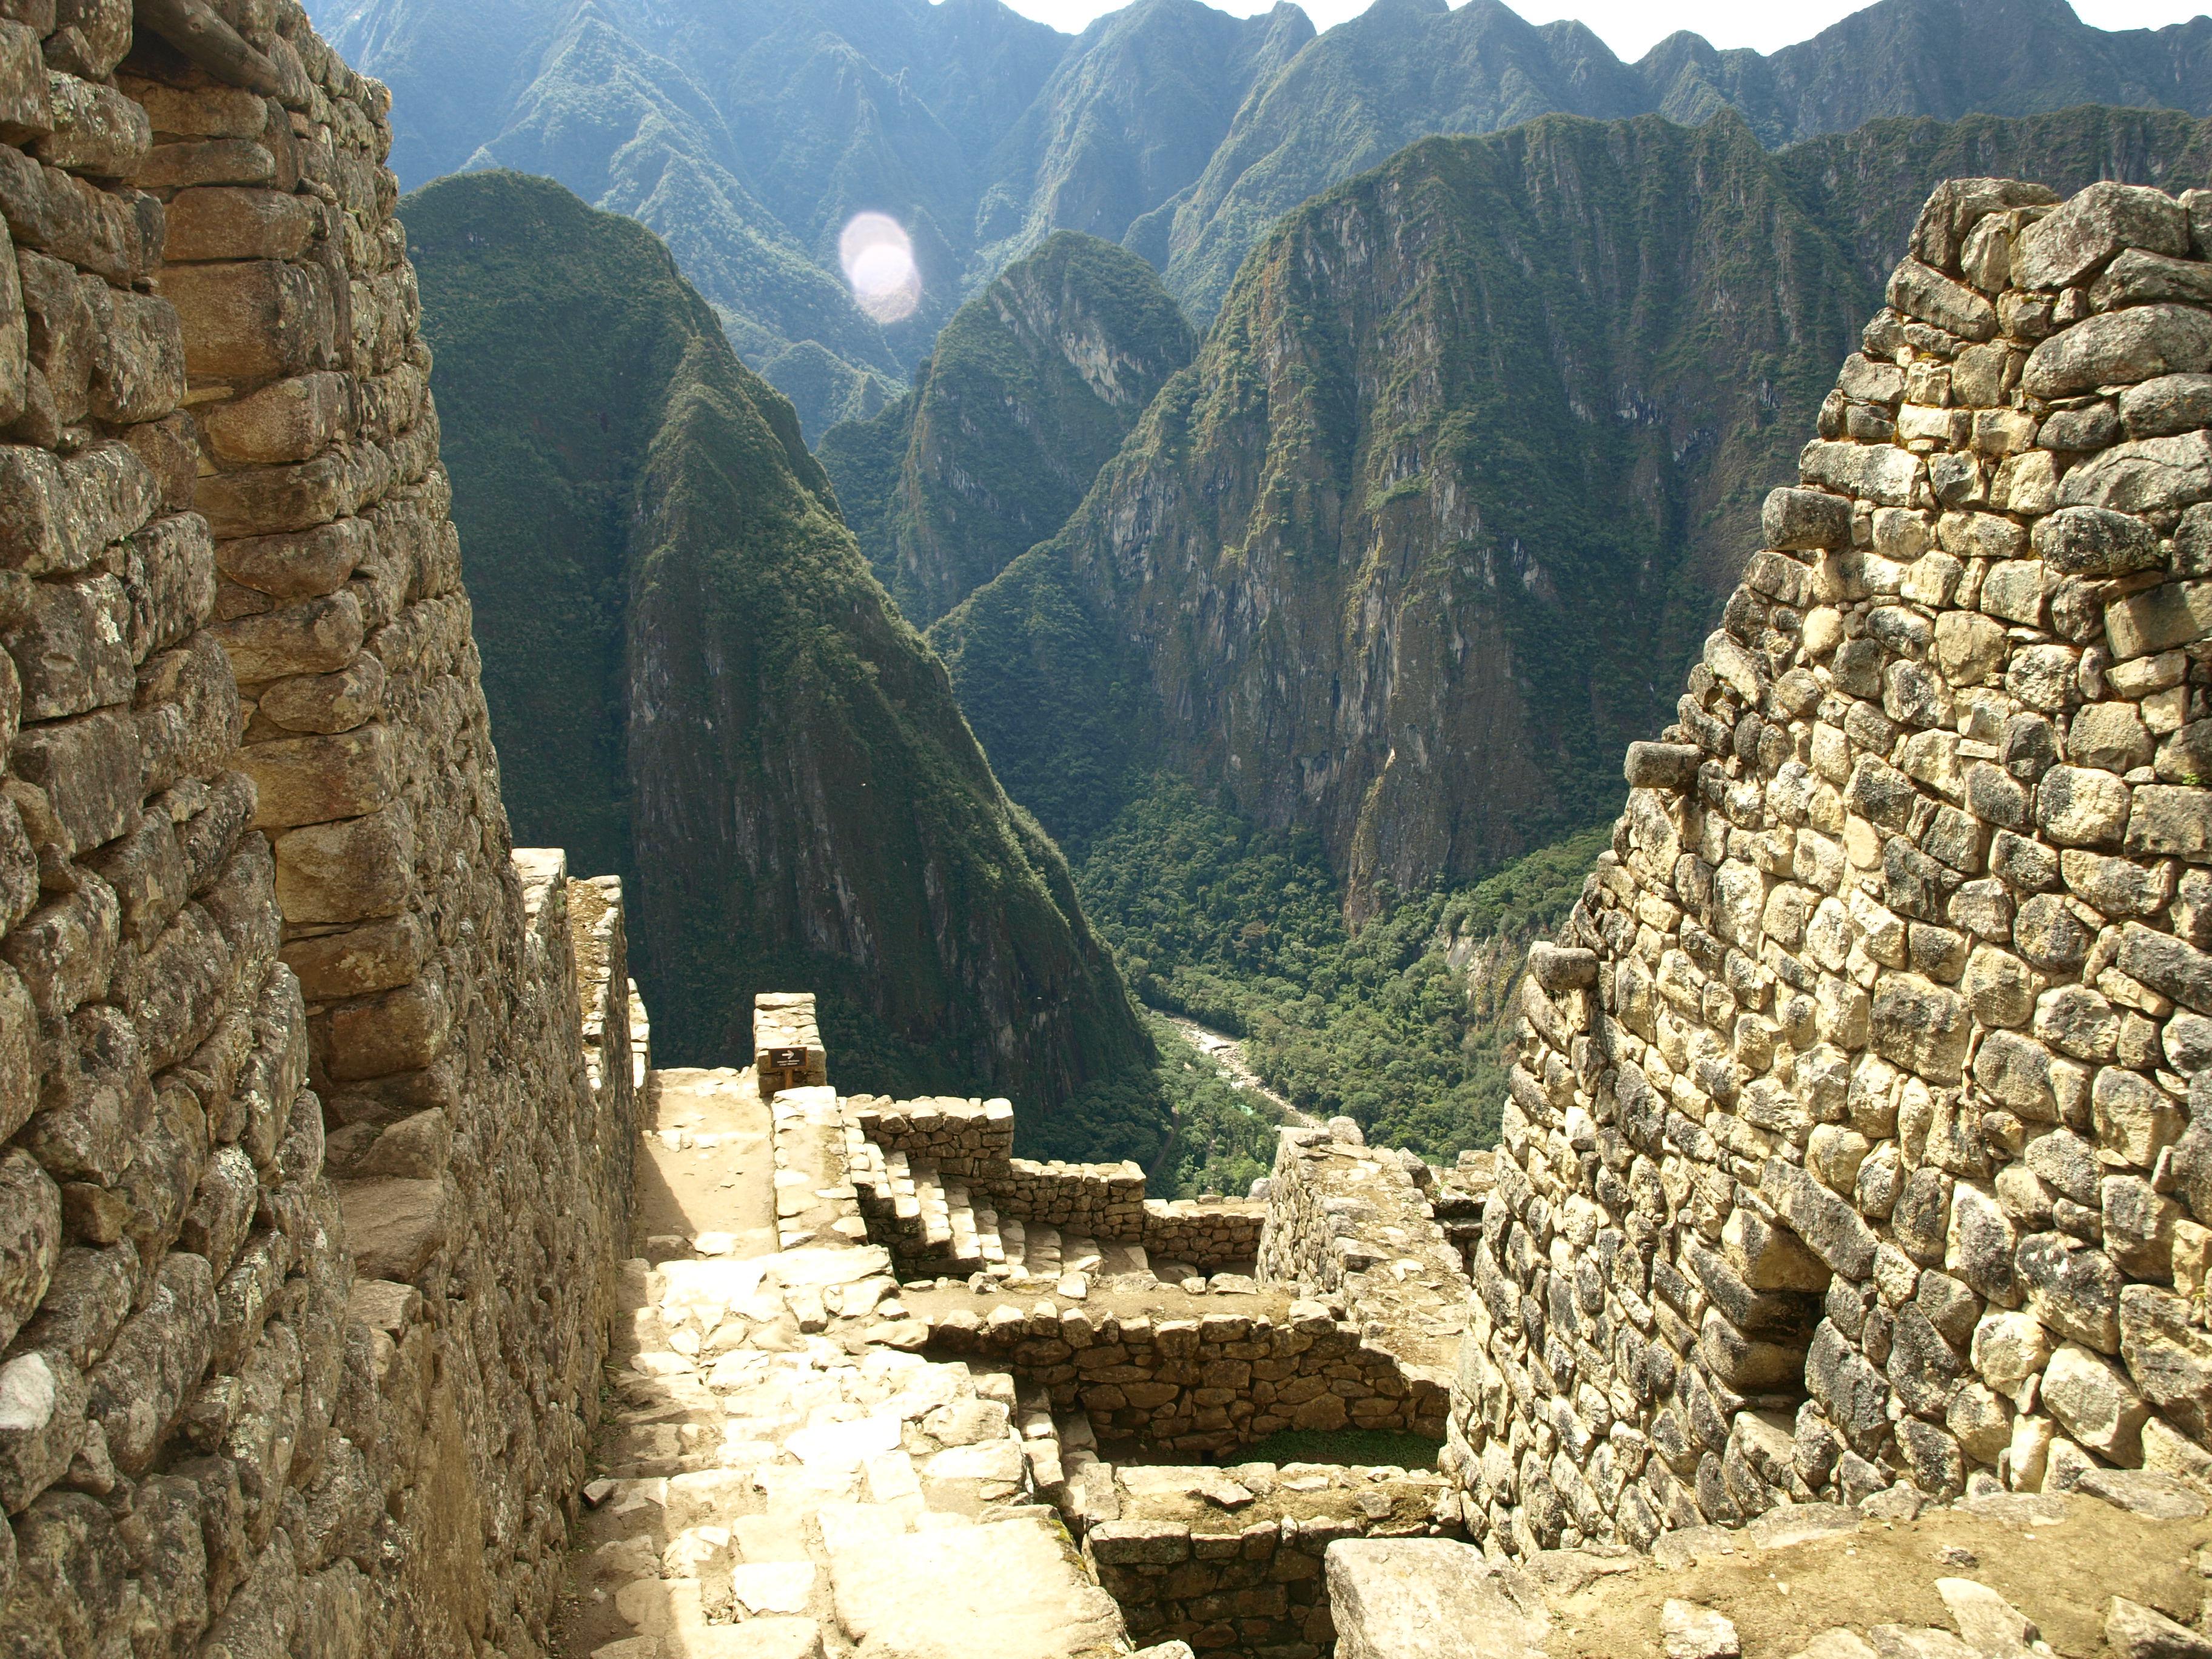 Arrival to Machu Picchu